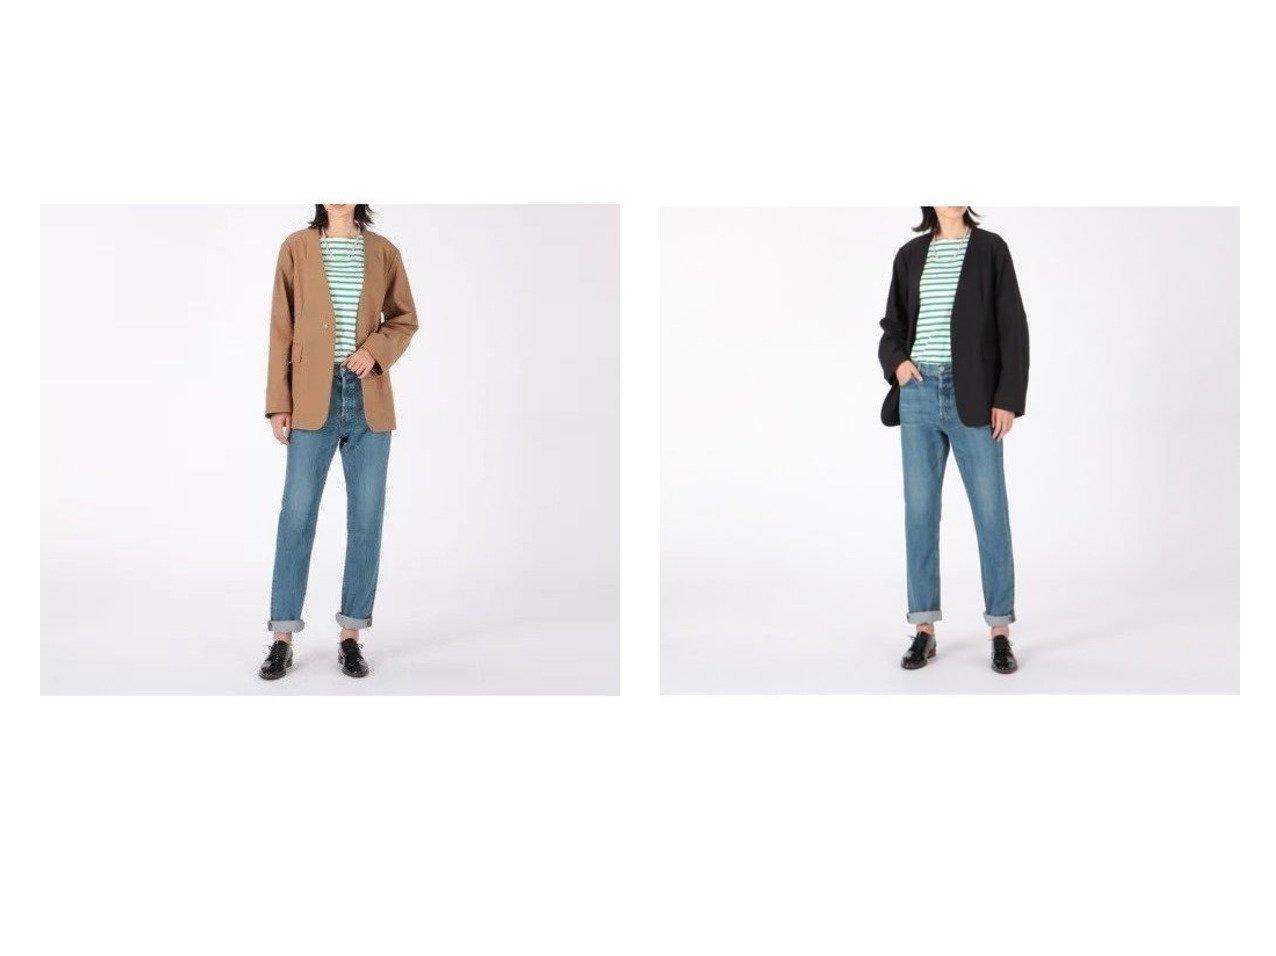 【Shinzone/シンゾーン】のCARDIGAN JACKET おすすめ!人気、トレンド・レディースファッションの通販  おすすめで人気の流行・トレンド、ファッションの通販商品 メンズファッション・キッズファッション・インテリア・家具・レディースファッション・服の通販 founy(ファニー) https://founy.com/ ファッション Fashion レディースファッション WOMEN S/S 春夏 SS Spring/Summer カーディガン ジャケット 春 Spring |ID:crp329100000014606